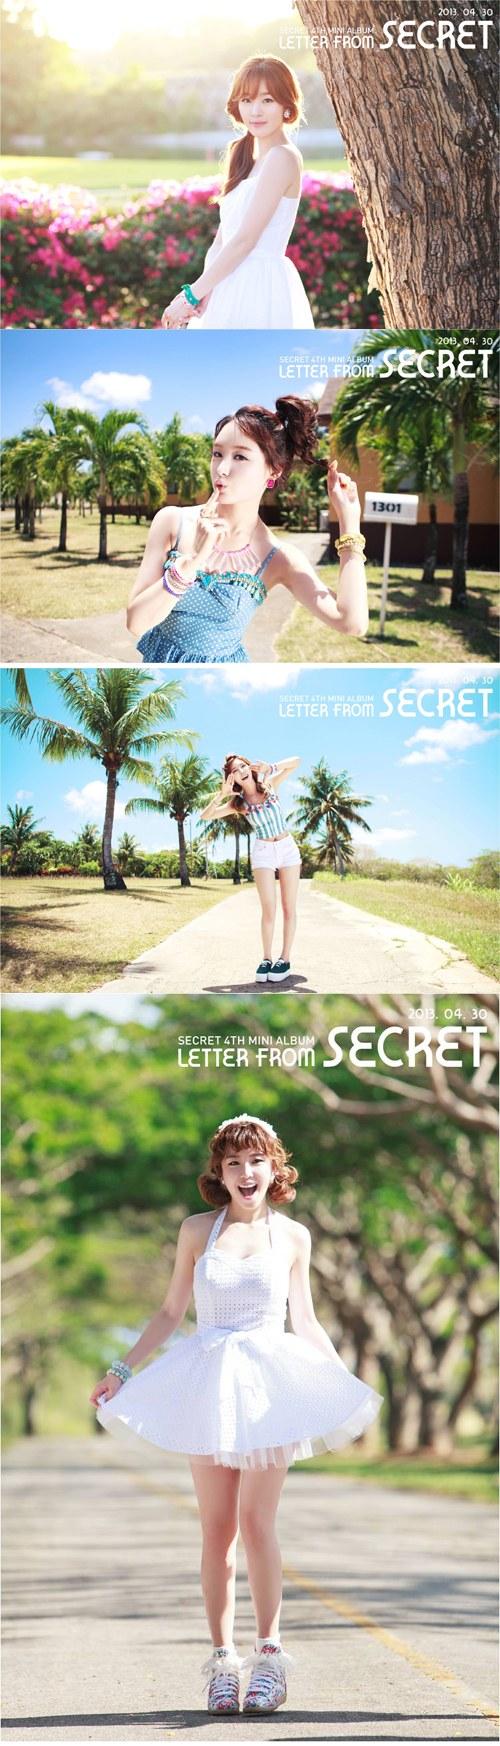 20130425-Secret-Letter-from-Secret